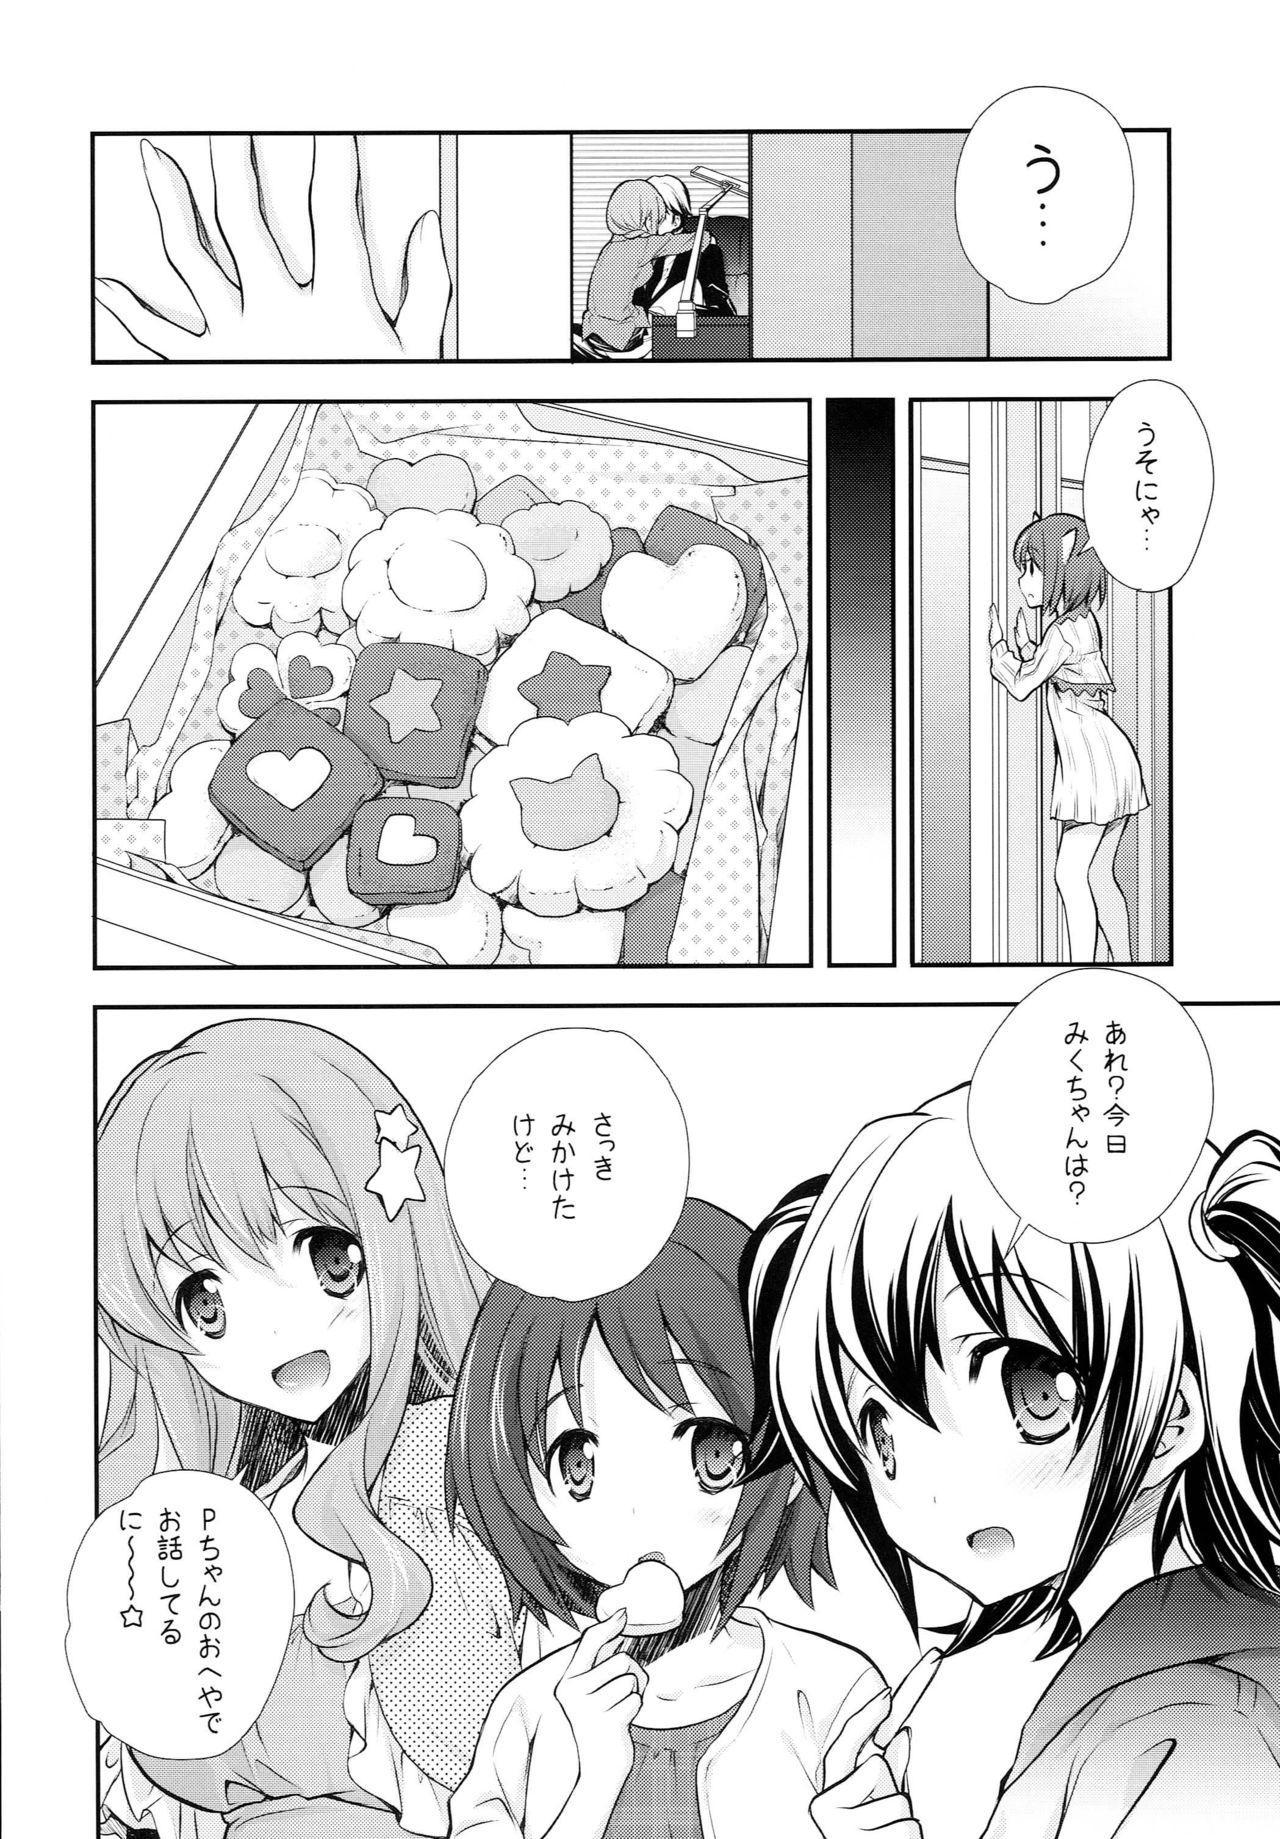 P ni 14-nin no Cinderella ga Makura o Kyouyou Suru Usui Hon 8